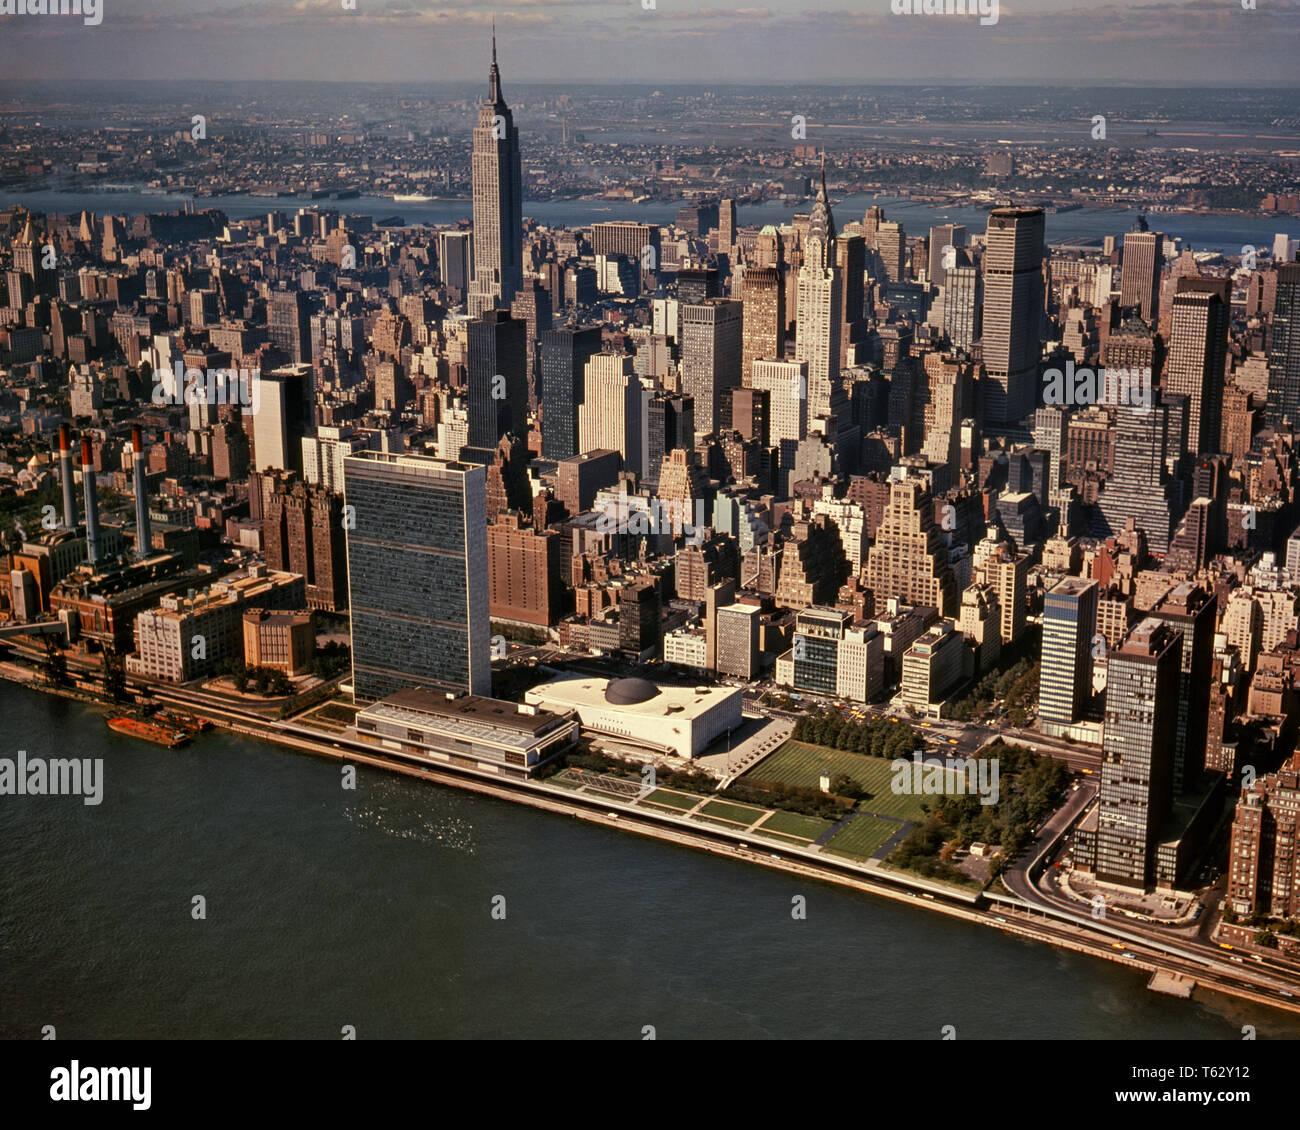 1960 VUE AÉRIENNE DE LA RIVIÈRE EAST MIDTOWN COMPLEXE DES NATIONS UNIES À l'ouest de l'Empire State Building À NEW JERSEY Manhattan NYC USA - KR15769 KRU001 CÉLÉBRATION HARS UNITED STATES SCENIC INSPIRATION UNITED STATES OF AMERICA NY EMPIRE NORD-AMÉRICAIN DE CONFIANCE EN AMÉRIQUE DU NORD DES NATIONS UNIES GRAND ANGLE TENTATION RÊVES MIDTOWN CENTRE URBAIN STRUCTURE ANGLE EXTÉRIEUR HAUTE RÉSISTANCE DES CONNAISSANCES PROGRÈS LEADERSHIP GOTHAM AU NORD-EST DE L'INNOVATION VOYAGE États-unis FIERTÉ POUR LA CÔTE EST CONCEPTUEL DE LA POLITIQUE DE NEW YORK NEW YORK VILLES IMAGINATION COMPLEXE ÉLÉGANT NEW JERSEY NEW YORK IDÉES CRÉATIVITÉ RESORTS VUE AÉRIENNE BIG APPLE Photo Stock